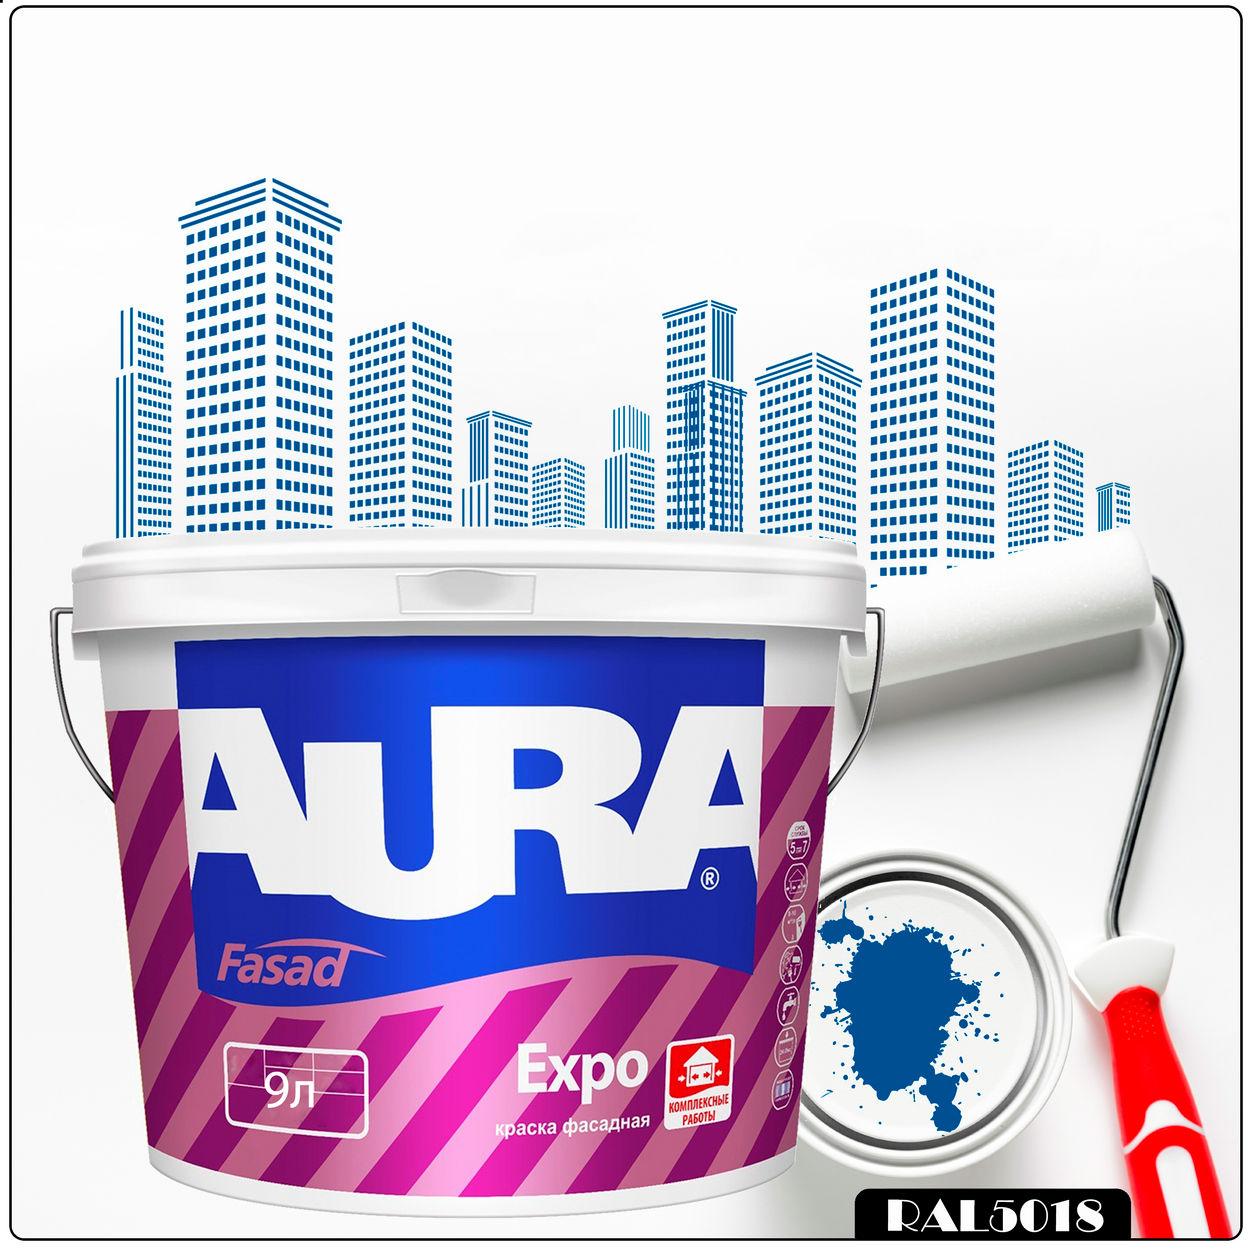 Фото 17 - Краска Aura Fasad Expo, RAL 5018 Бирюзово-синий, матовая, для фасадов и помещений с повышенной влажностью, 9л.